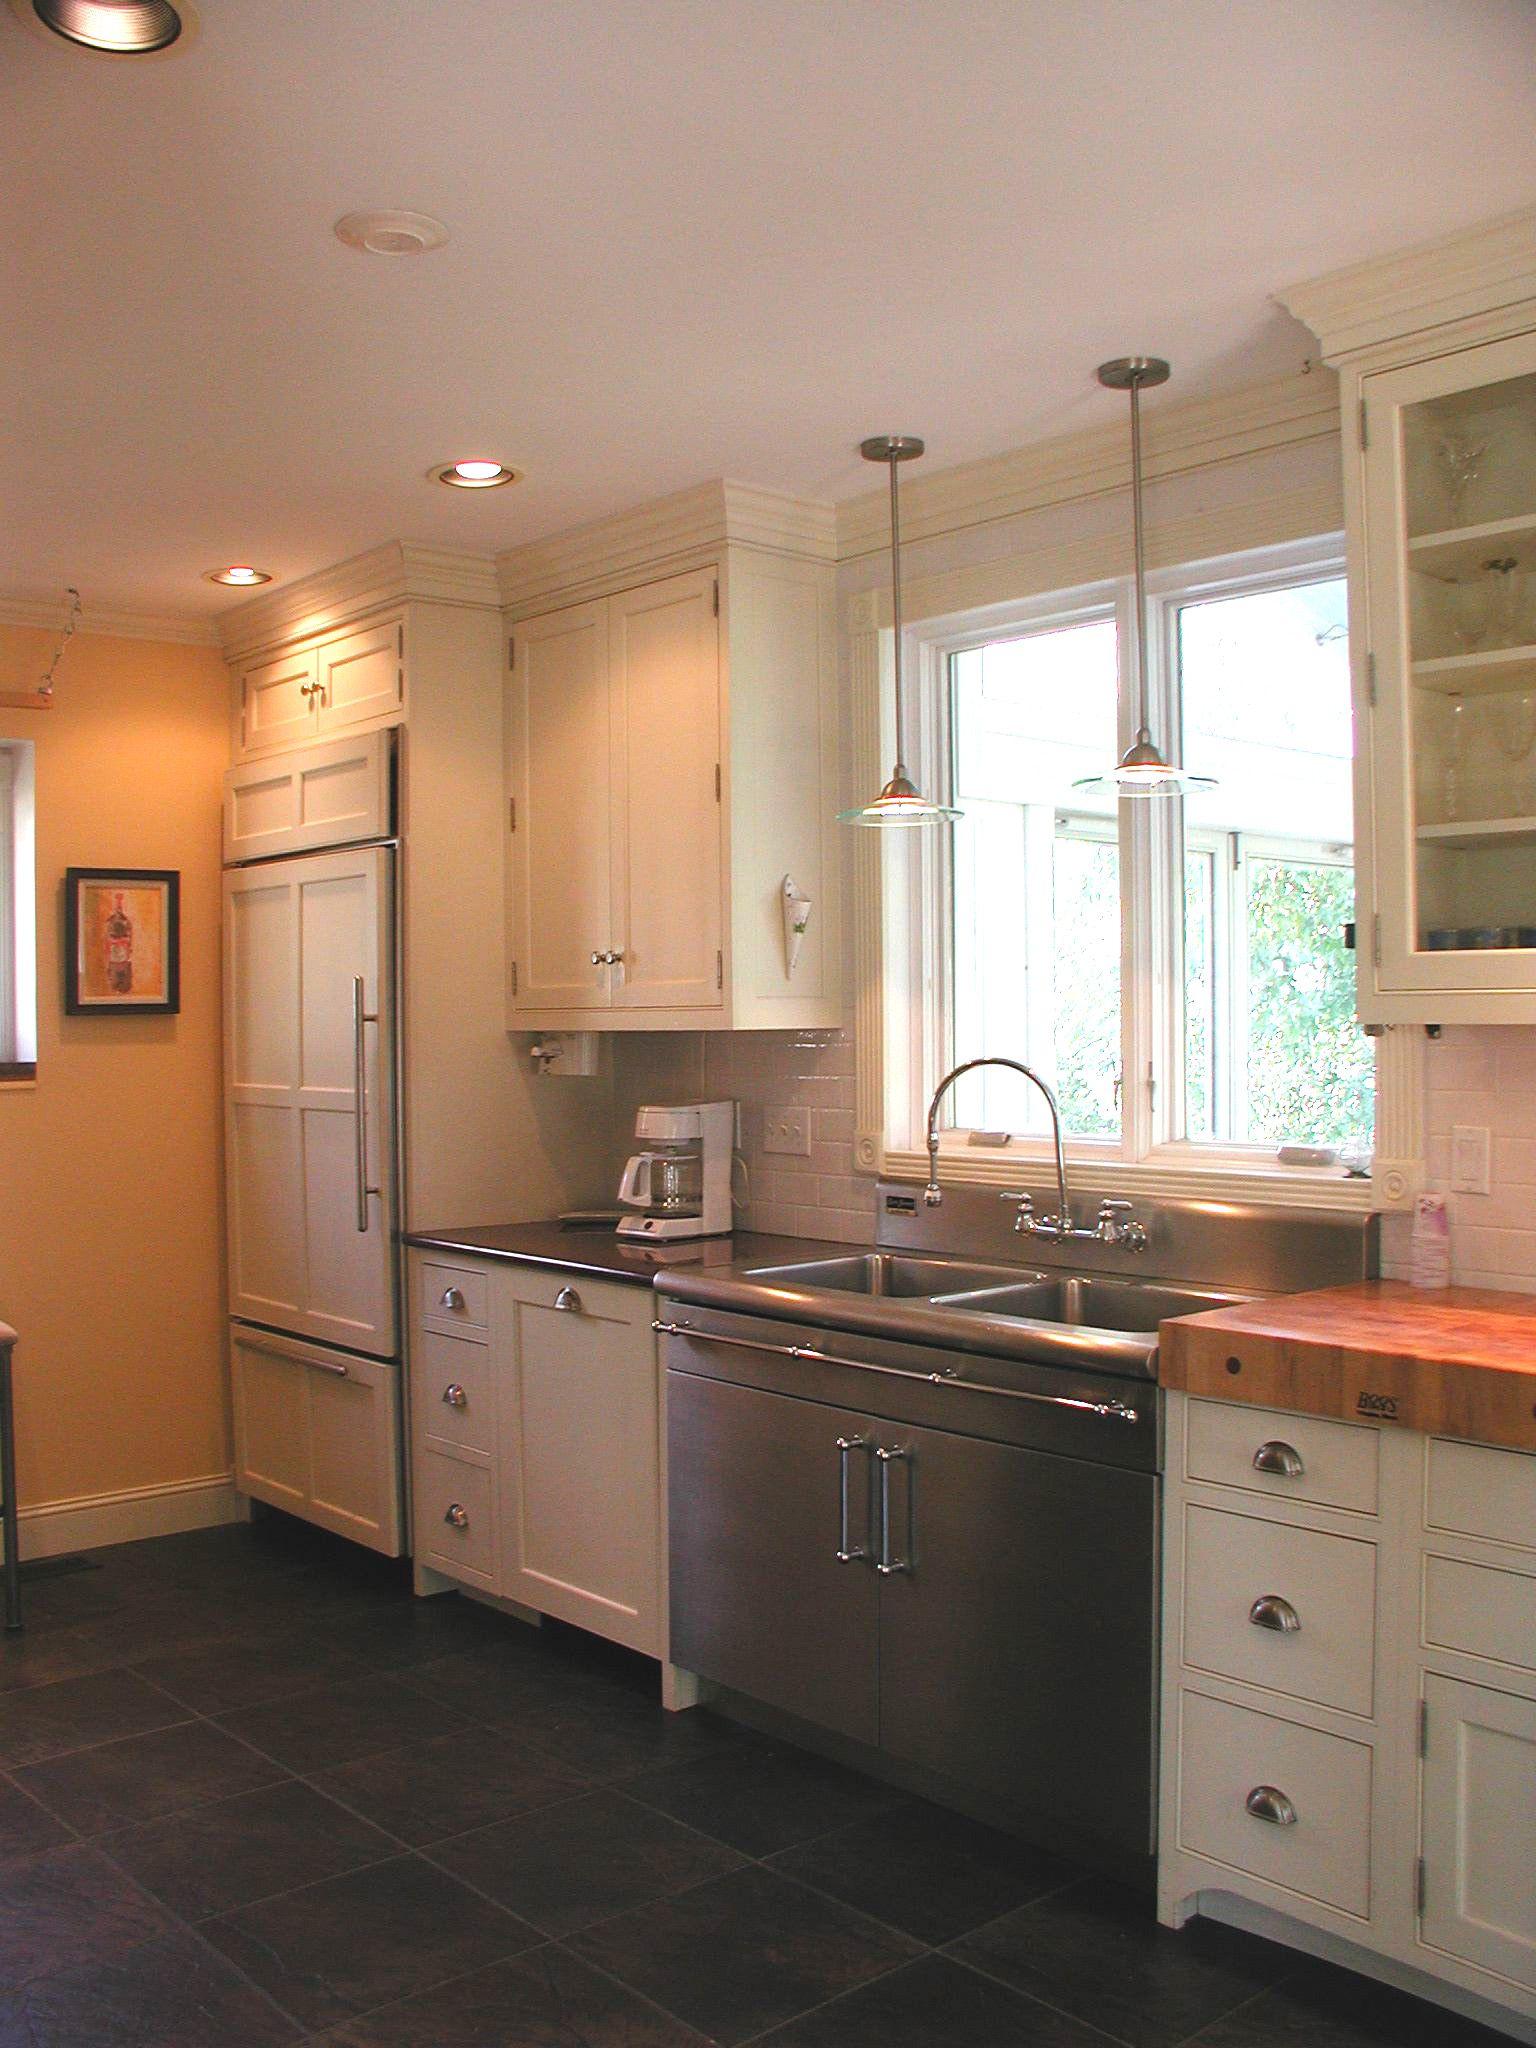 Küche Waschbecken Beleuchtung   Schlafzimmer   Küche waschbecken ...